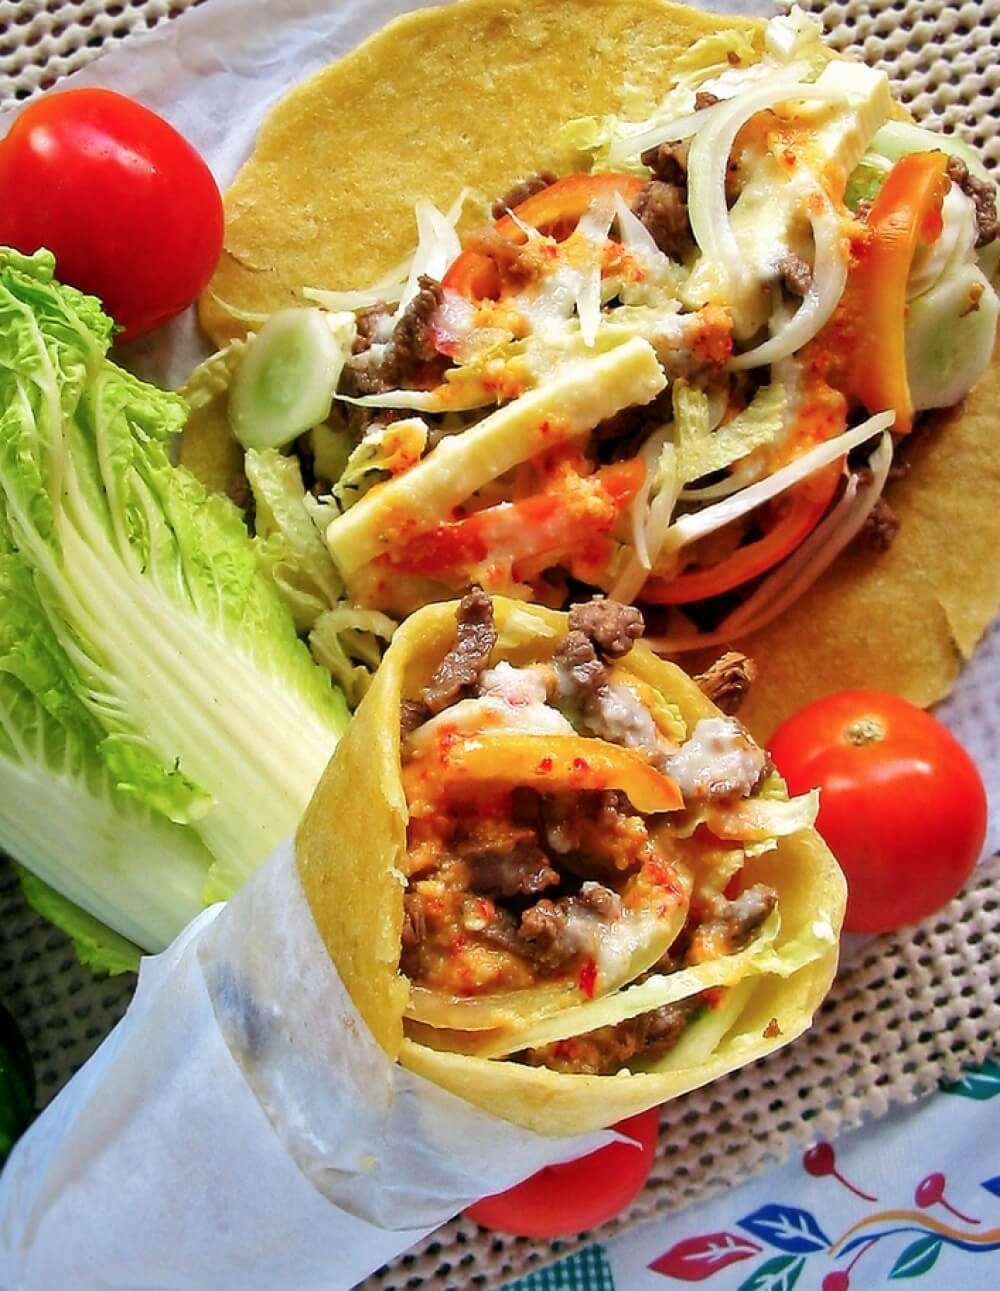 14863510-Shawarma-1000-f12f66a7d6-1484580204